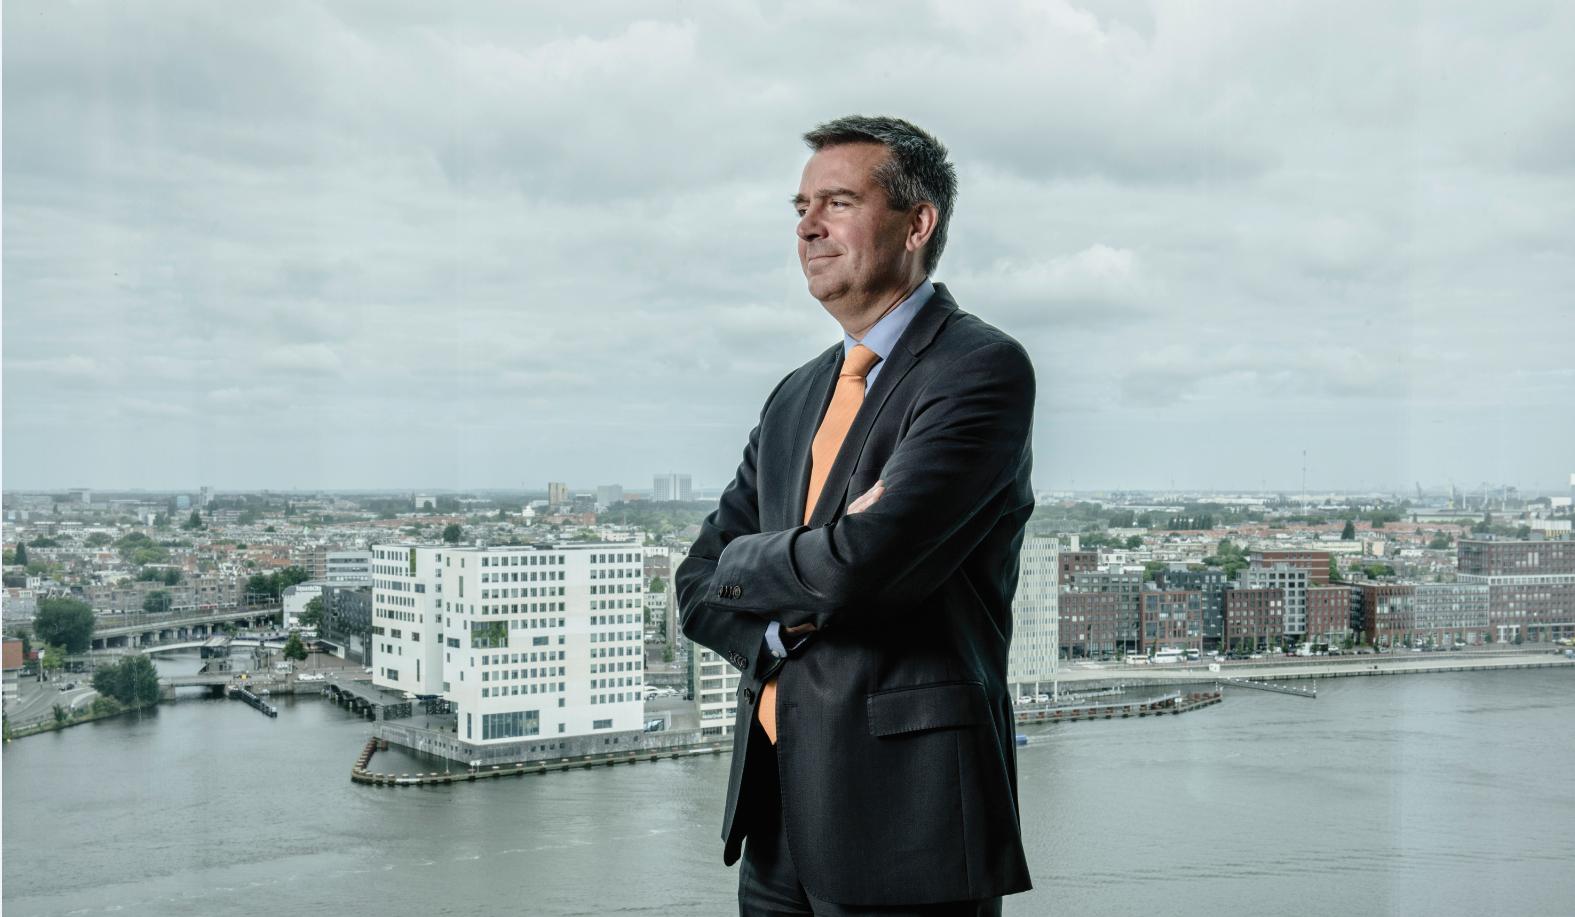 Vastgoedmarkt lanceert top 100 beslissers beleggingsmarkt